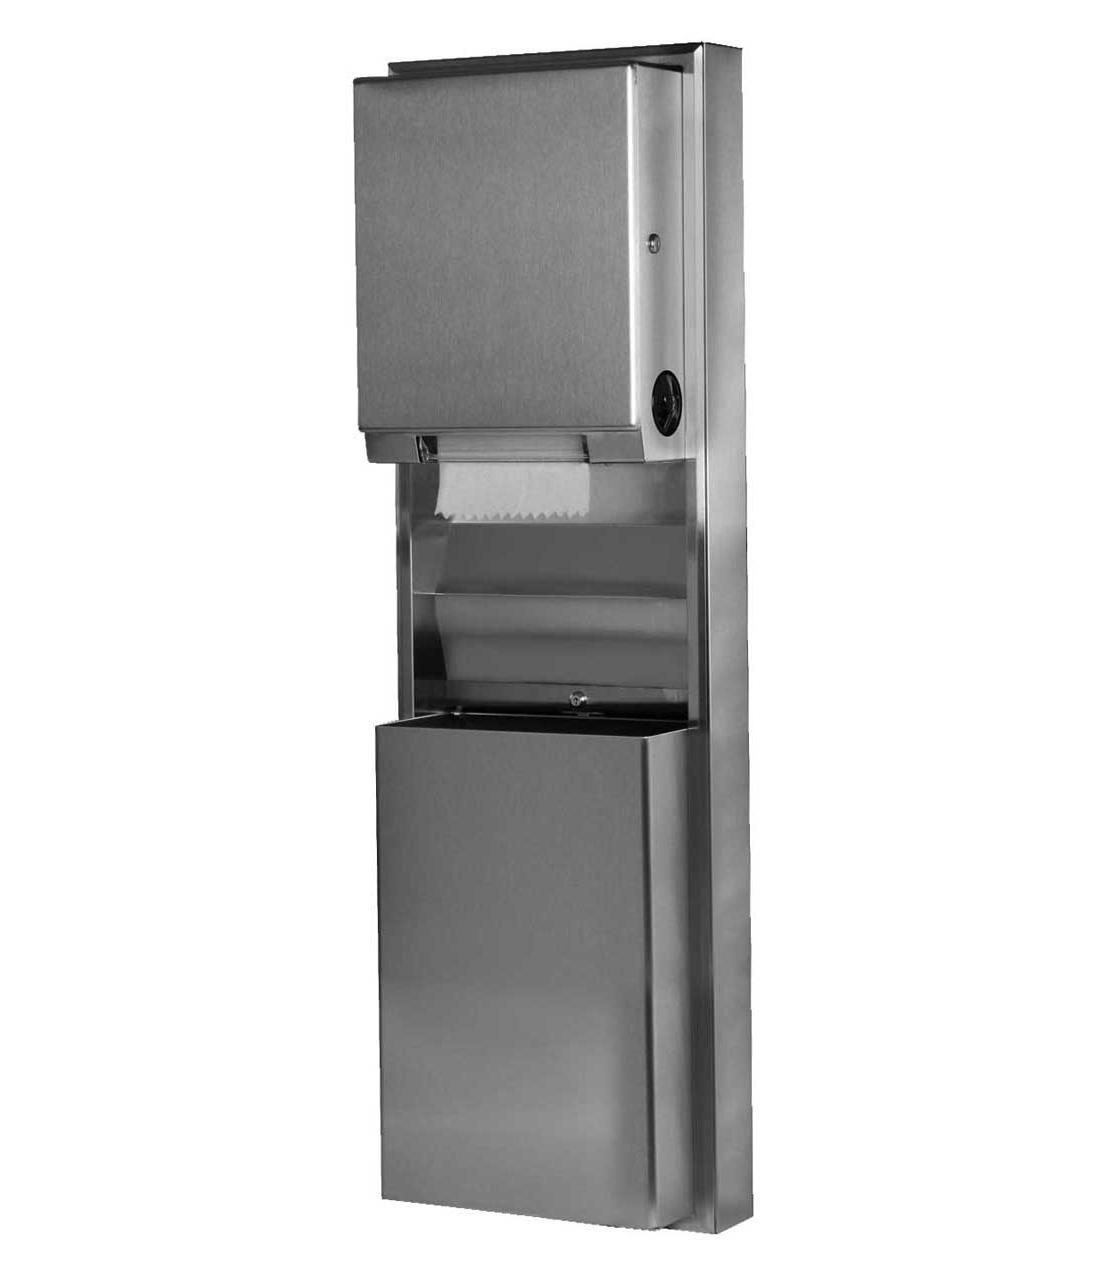 Bobrick-B-39619-Paper-Towel-Dispenser-&-Waste-Receptacle